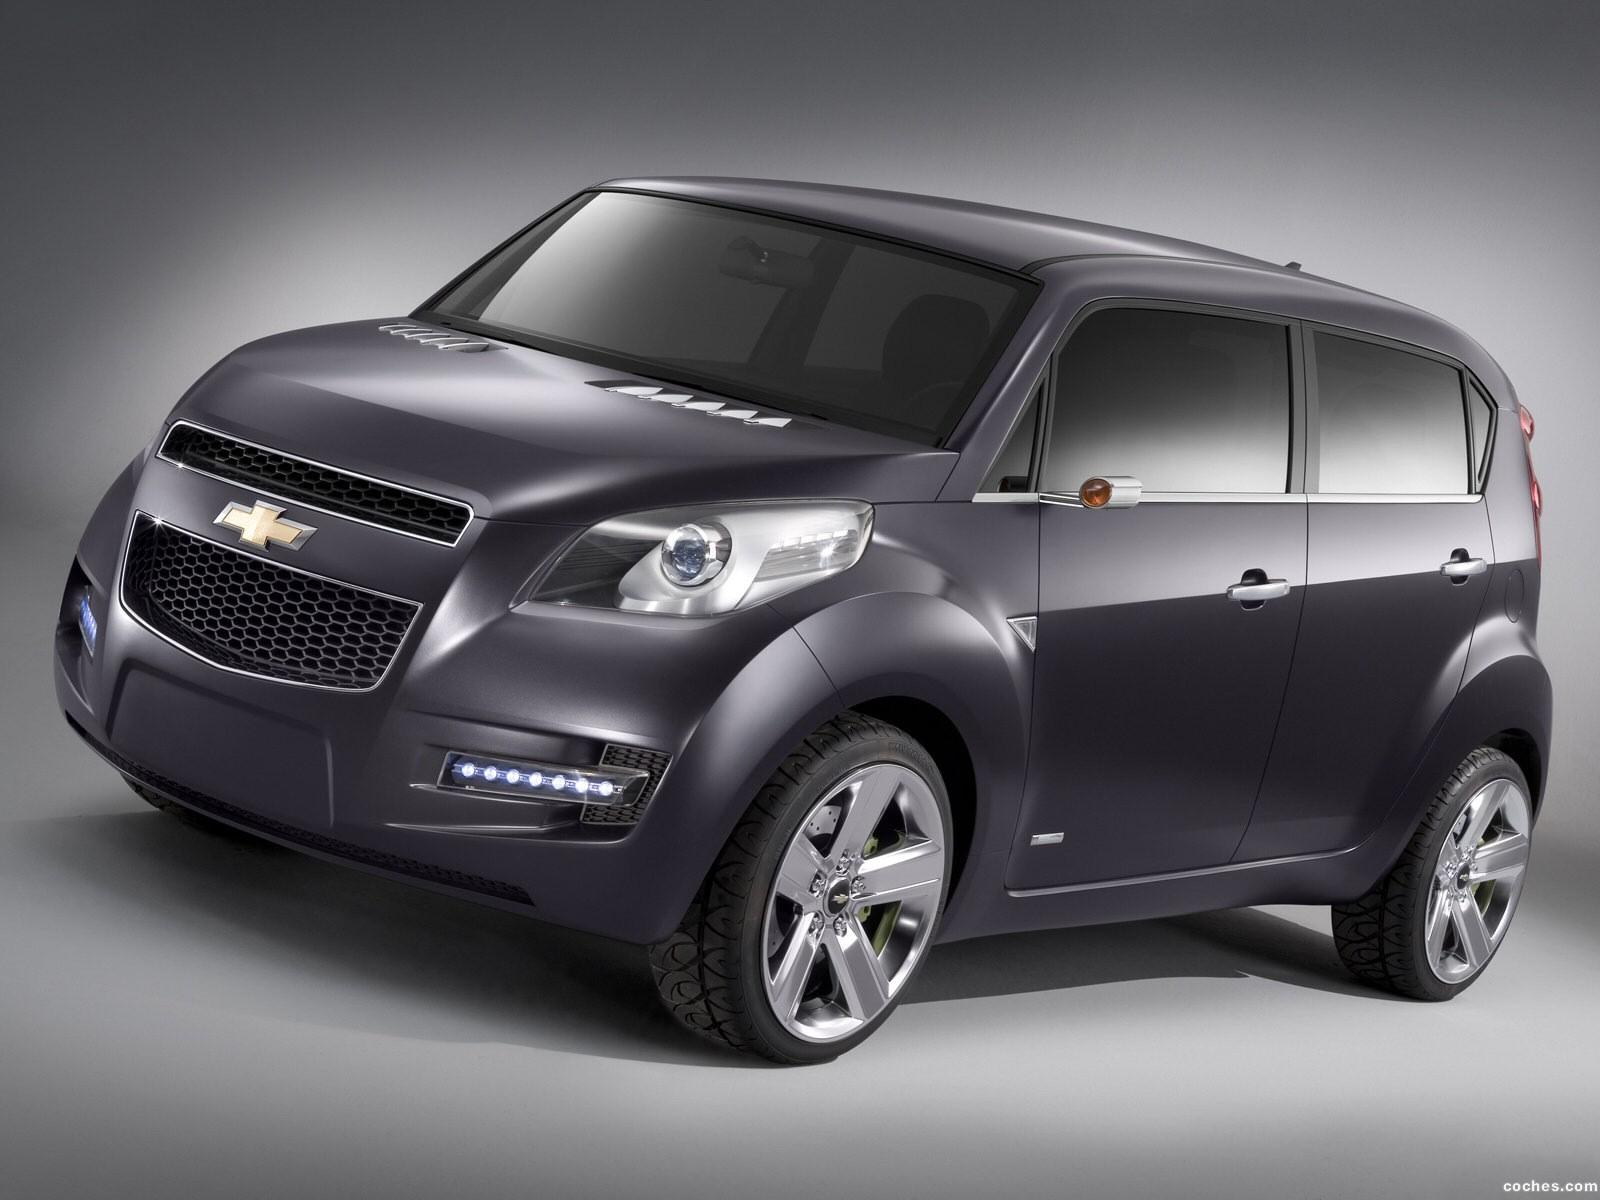 Foto 0 de Chevrolet Groove Concept 2007